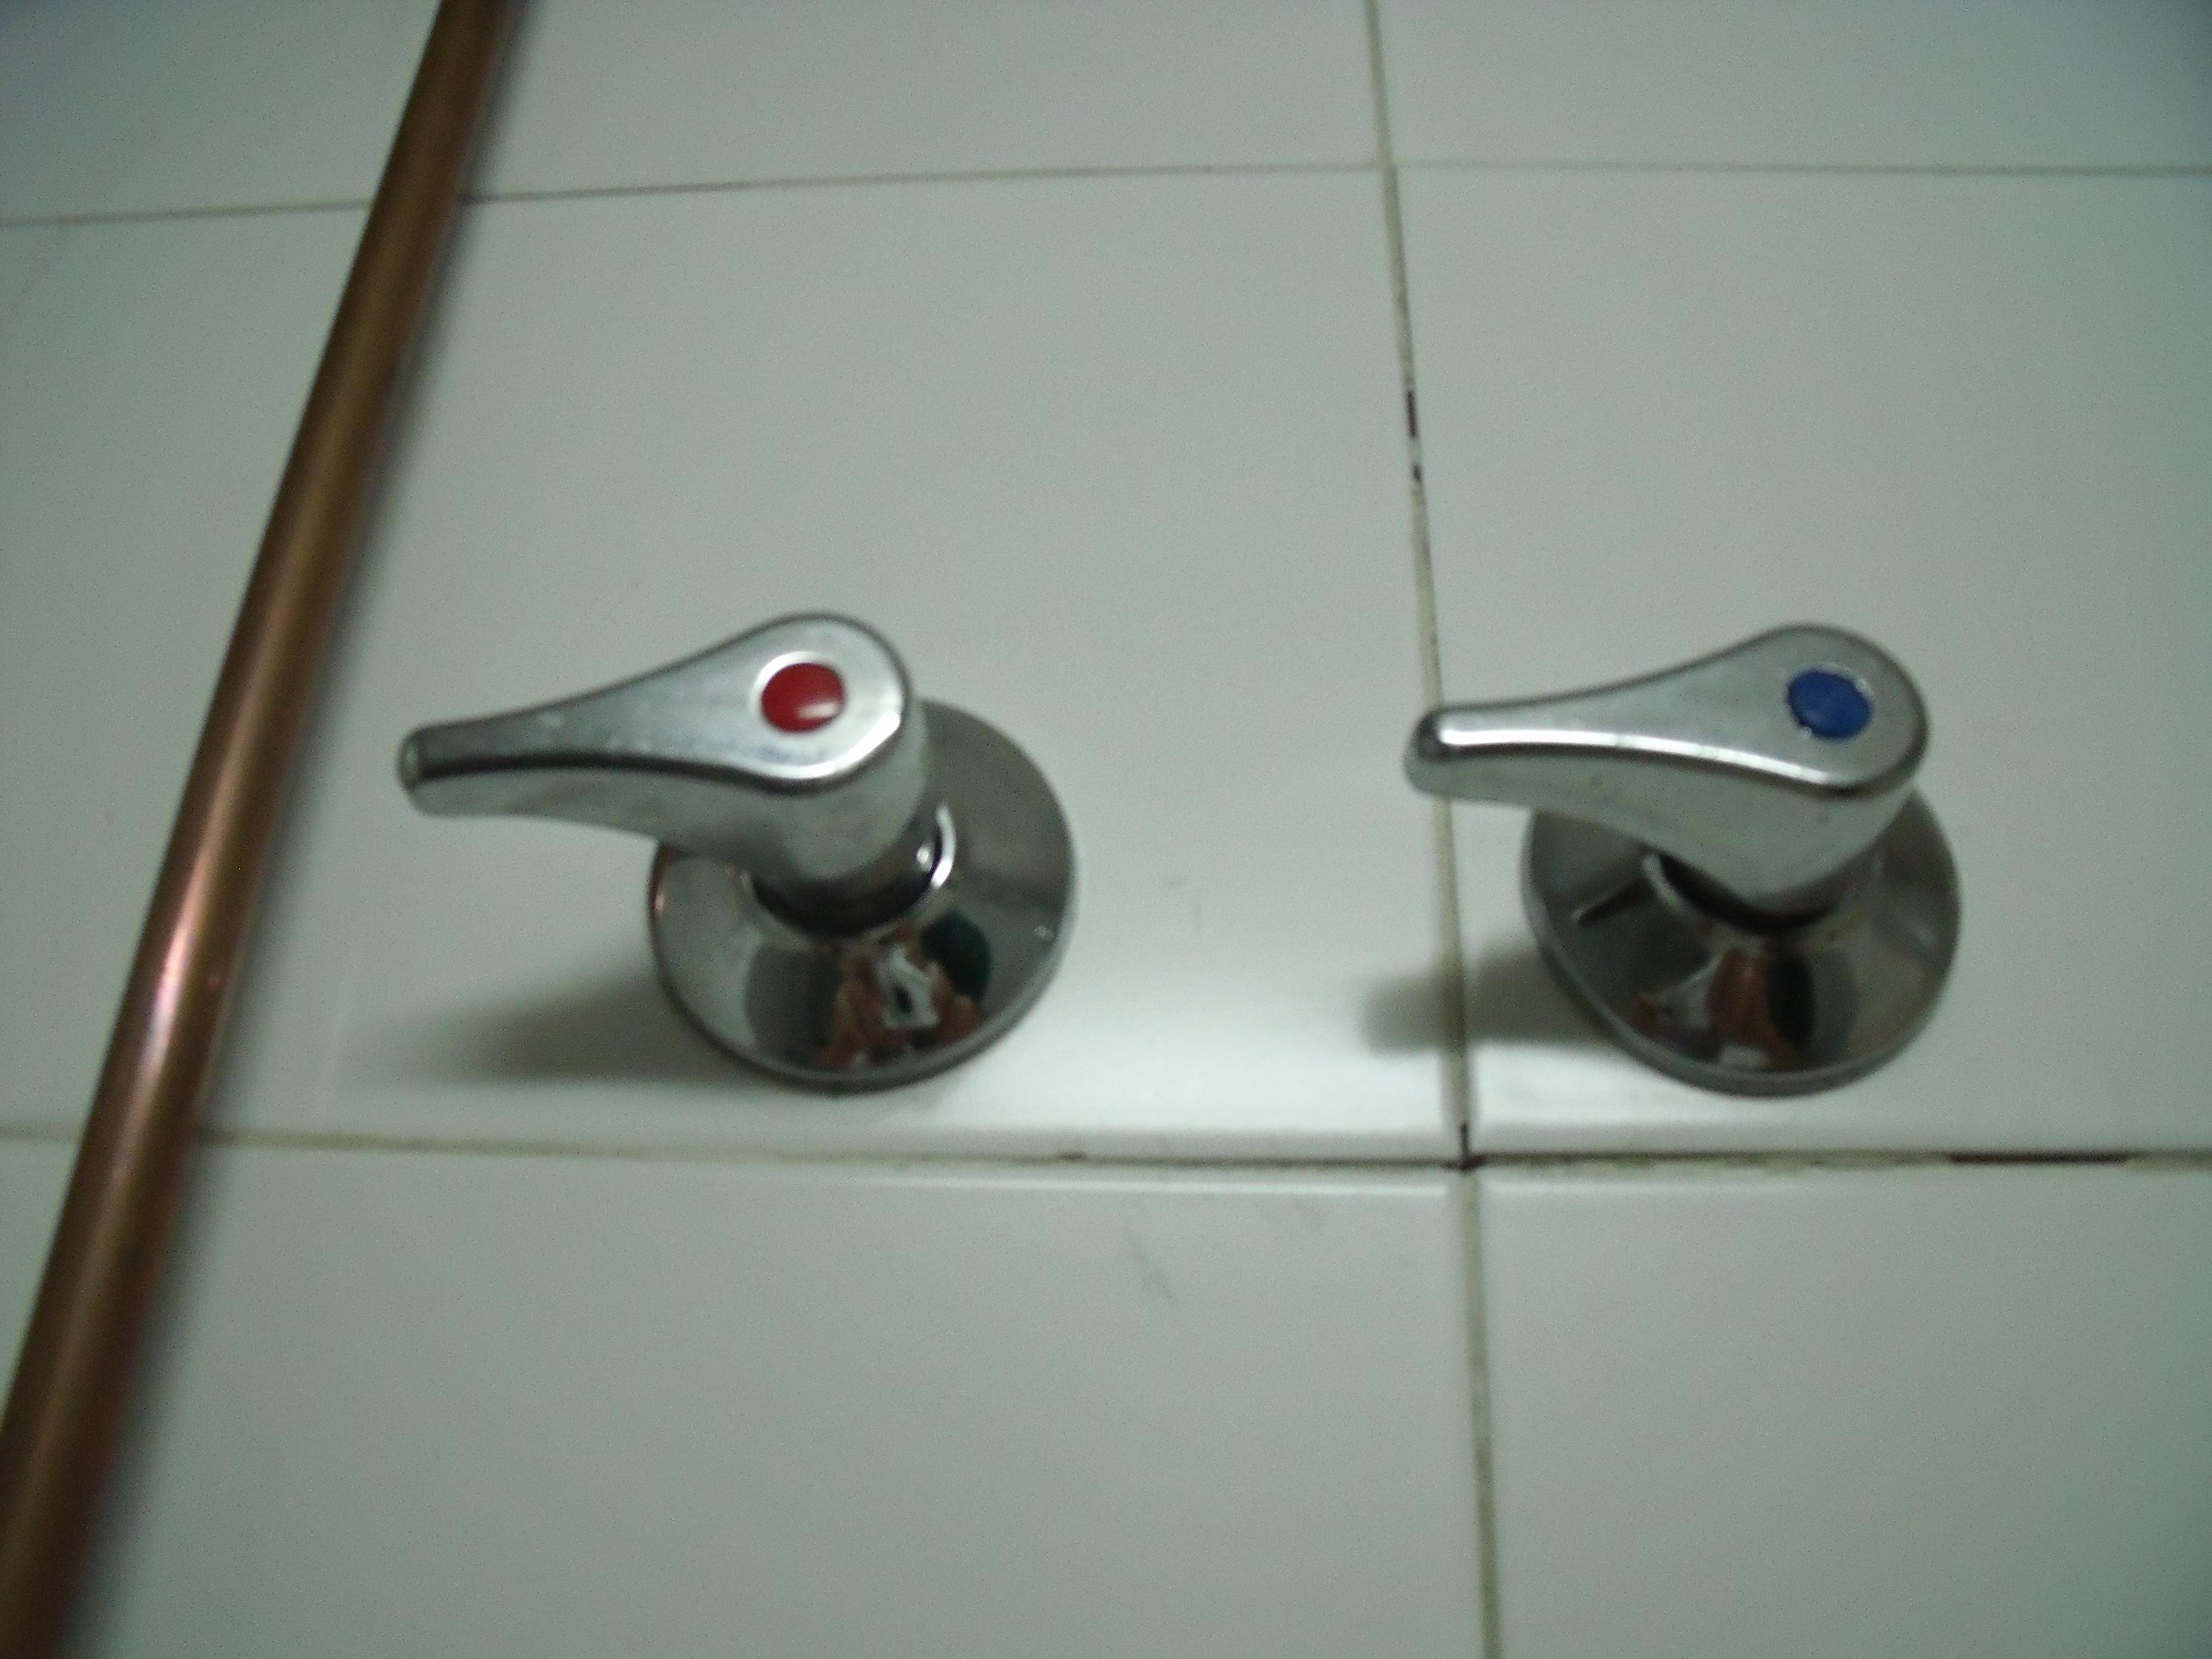 Como cambiar un grifo de ducha alquiler bricotaller for Como cambiar el vastago de la ducha